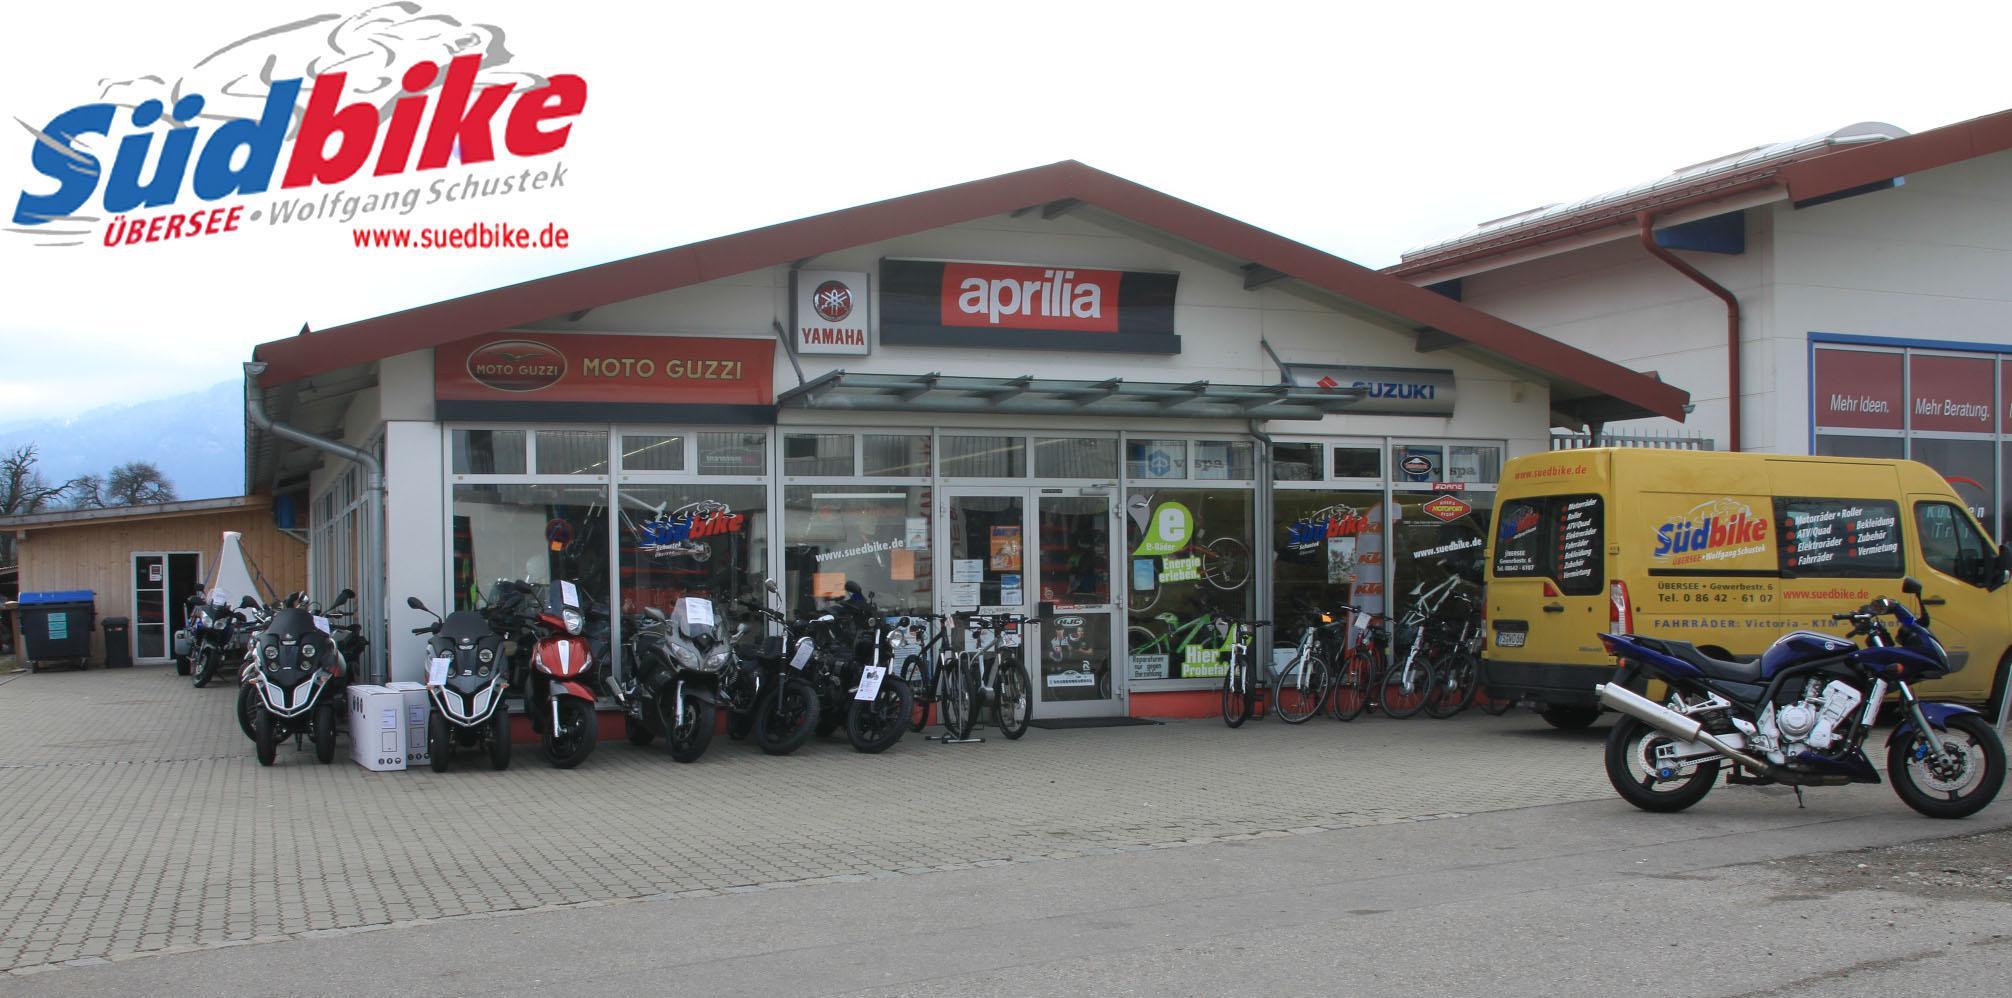 Ladengeschäft Südbike 2014 Foto